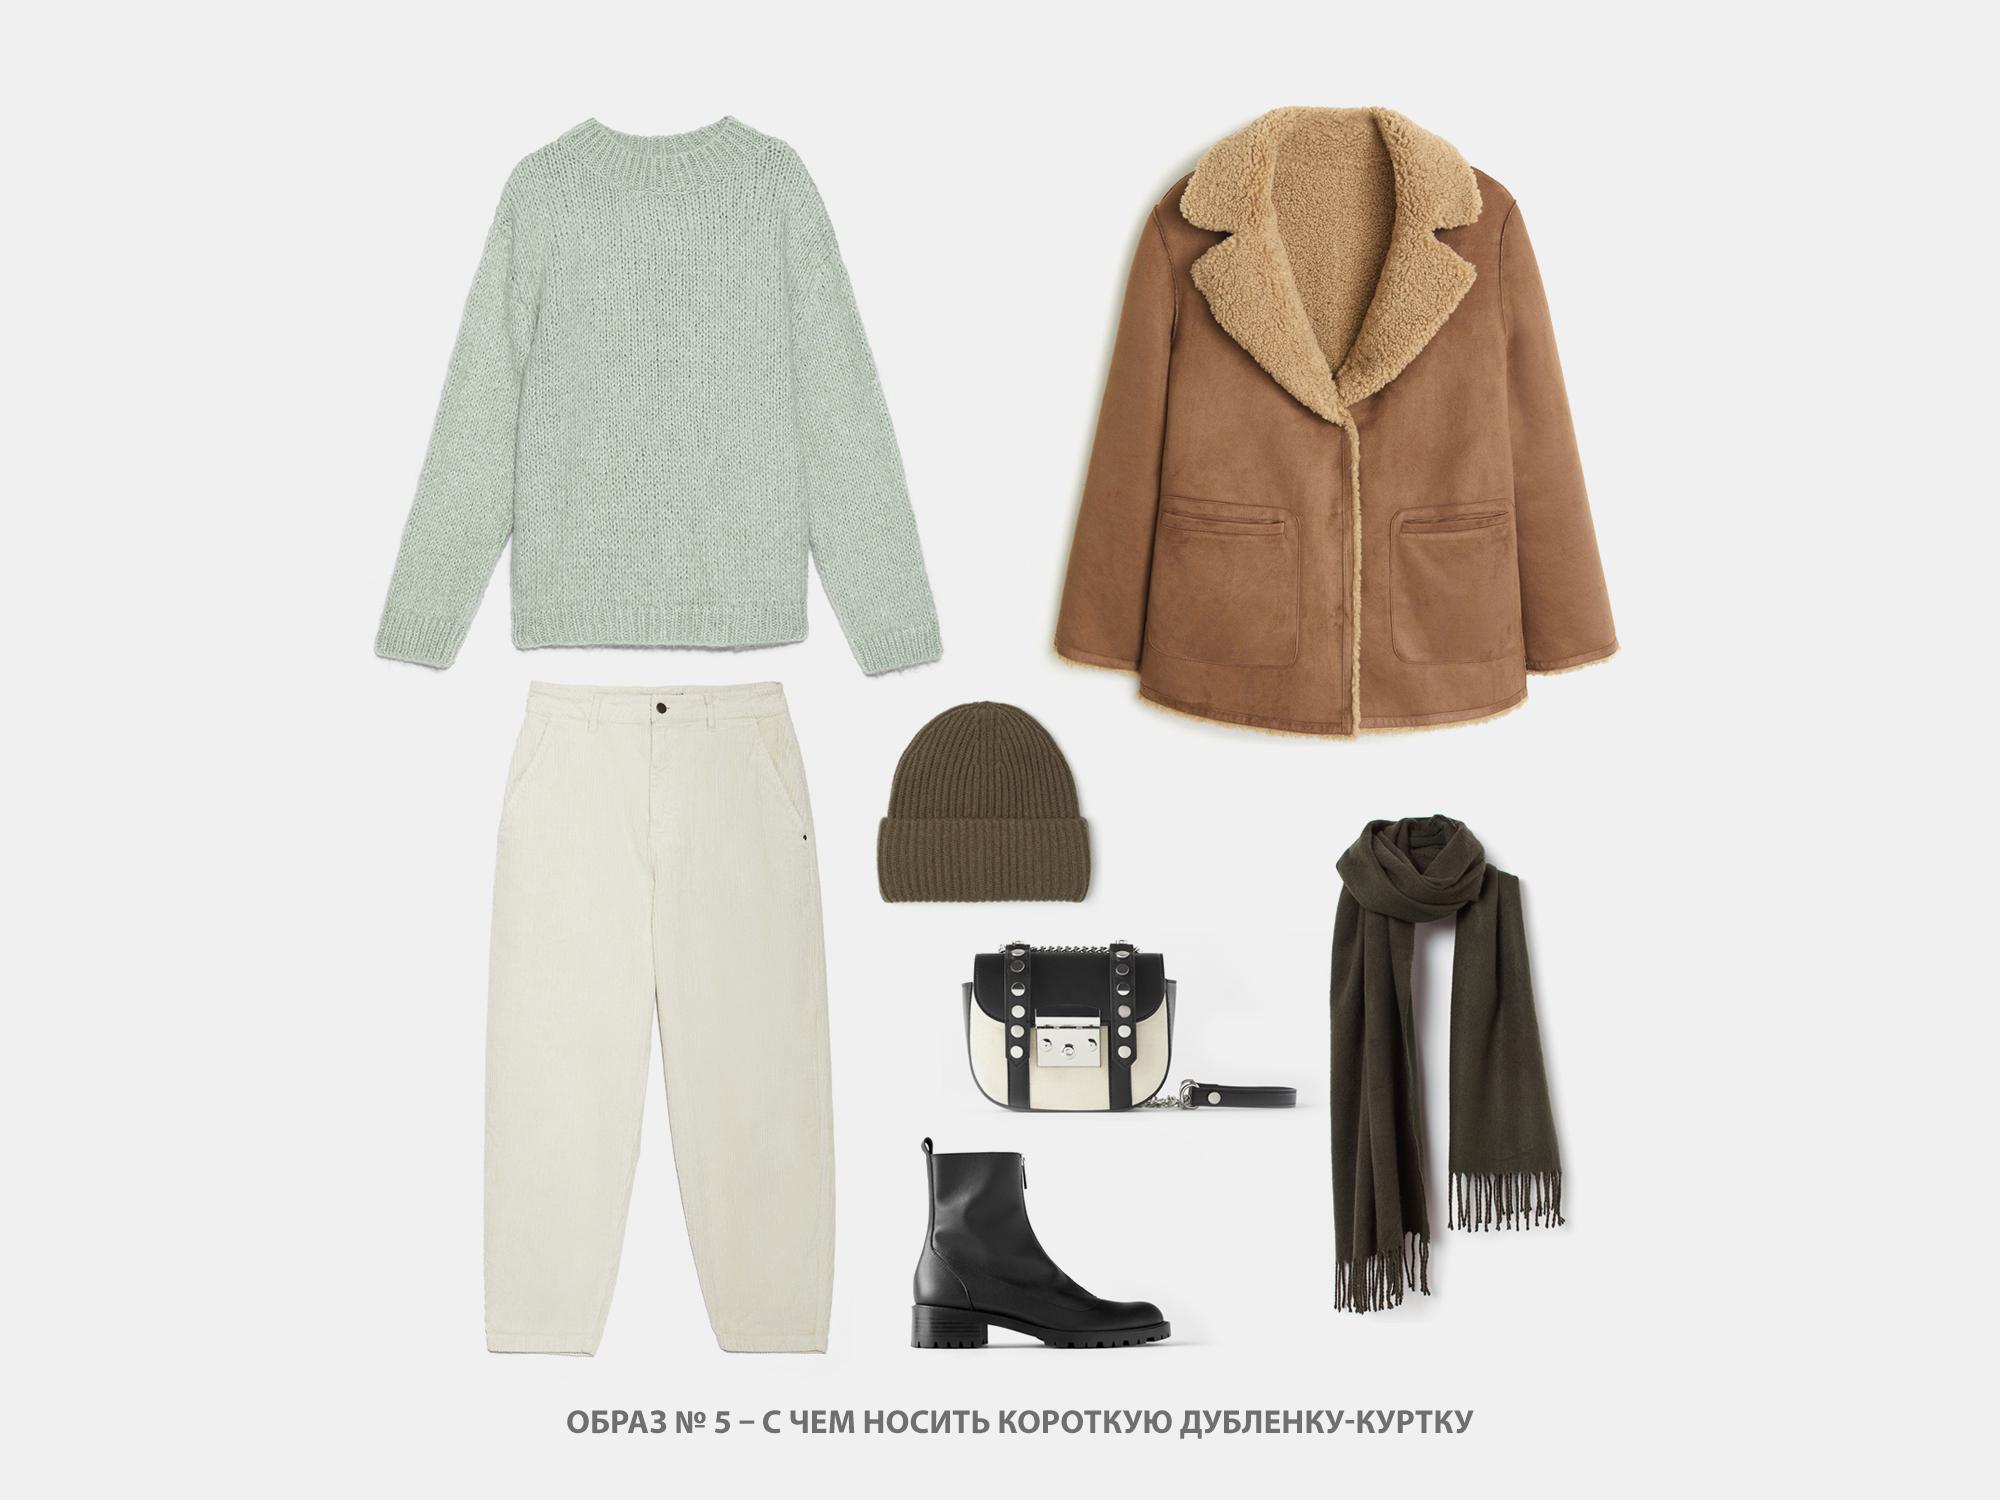 Инфографика. Рекомендации стилиста по составлению образа с короткой дубленкой курткой